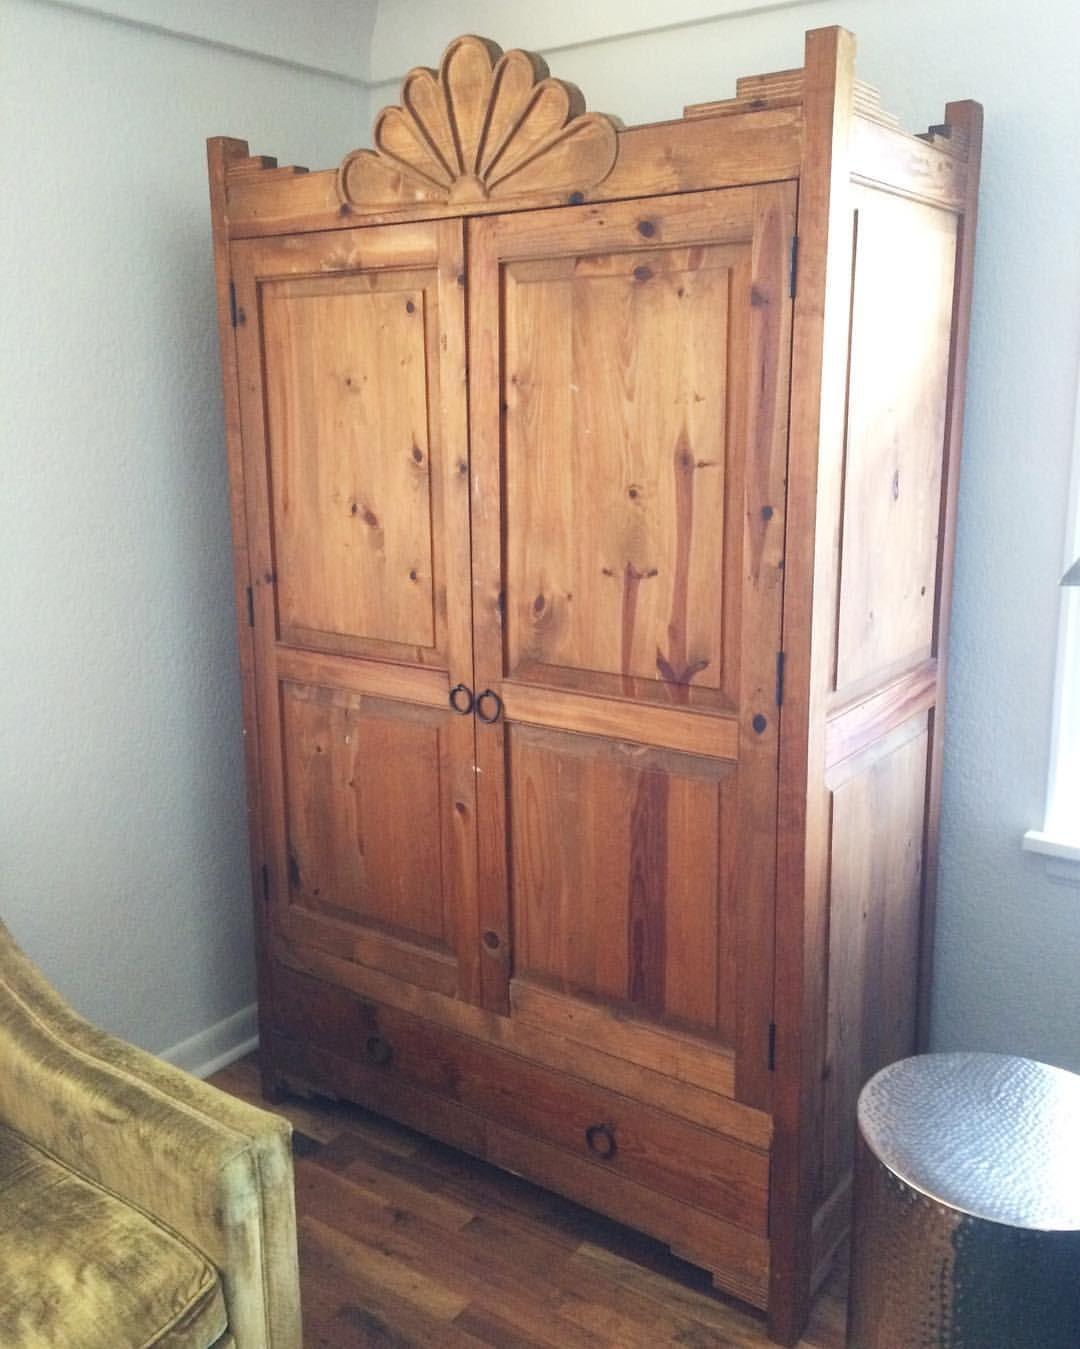 Em's September birthday gift-$100 antique pine cabinet ...